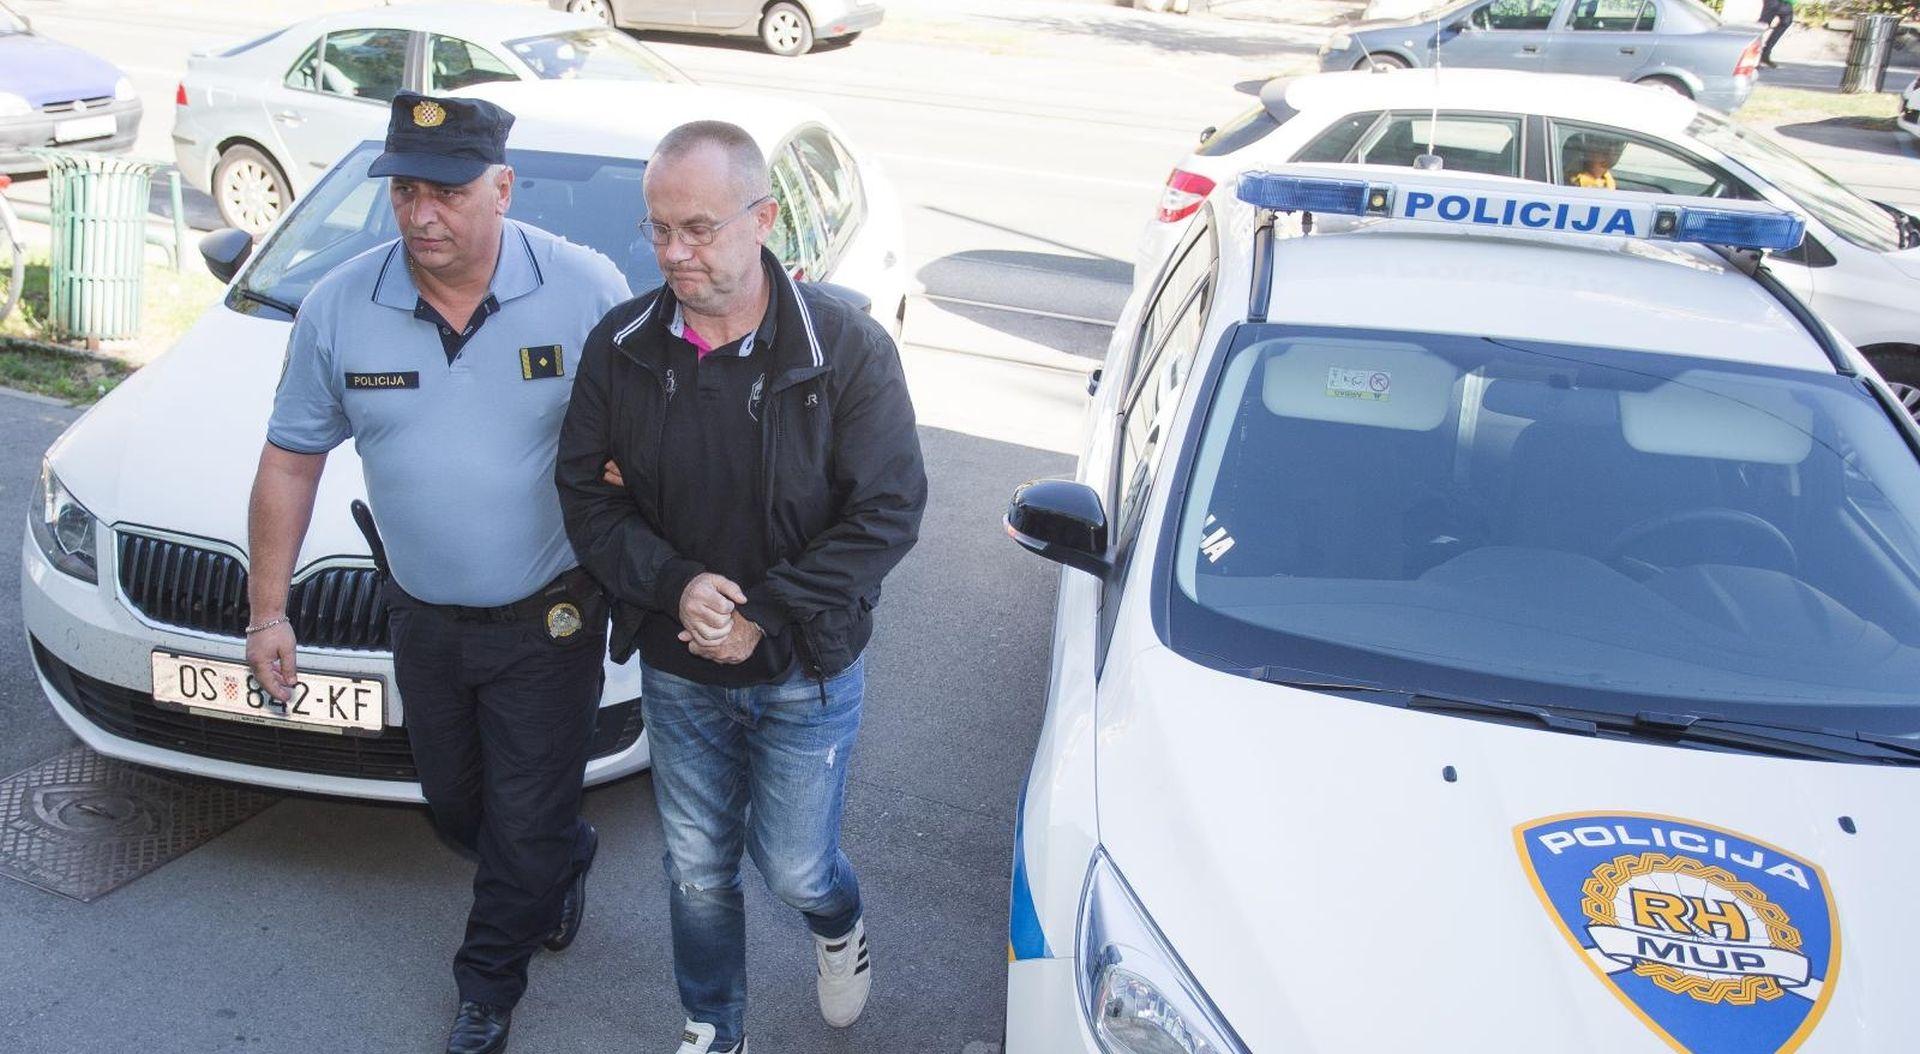 Sud odbio žalbu, Brkićev kum ostaje u zatvoru